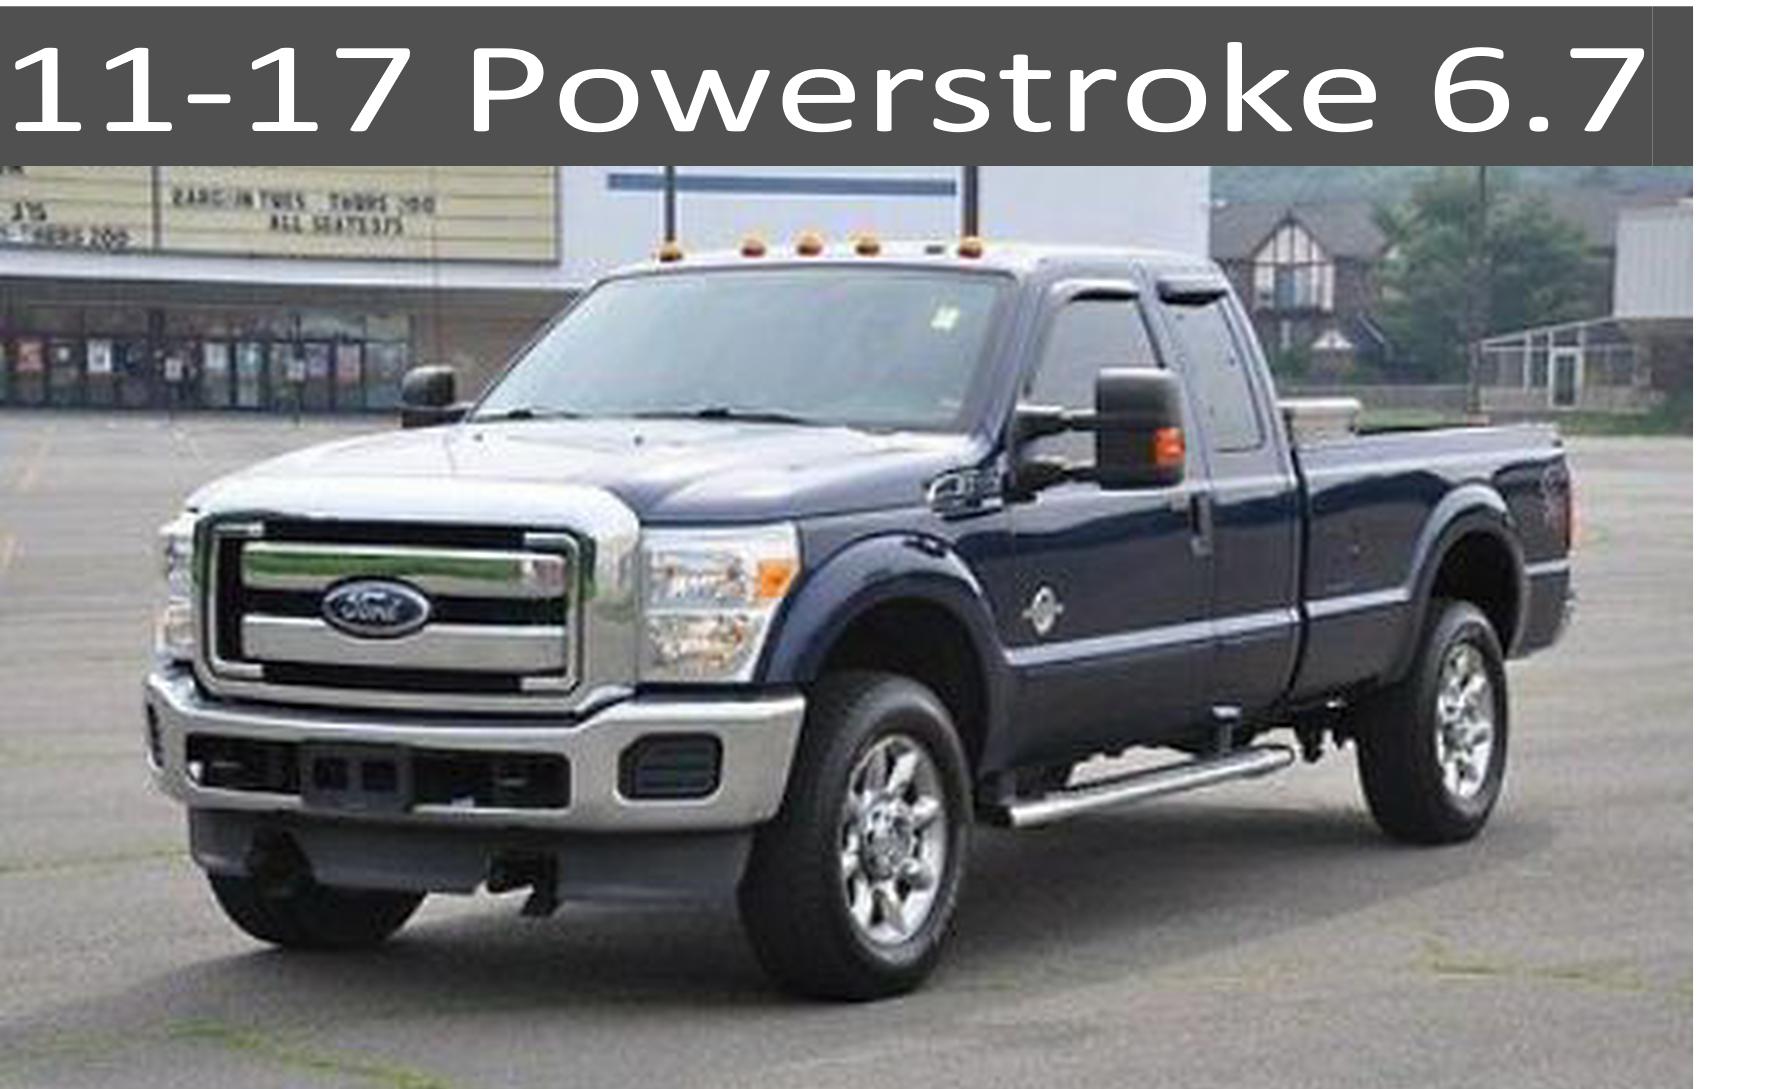 11-17 Ford 6.7 Powerstroke Diesel Parts